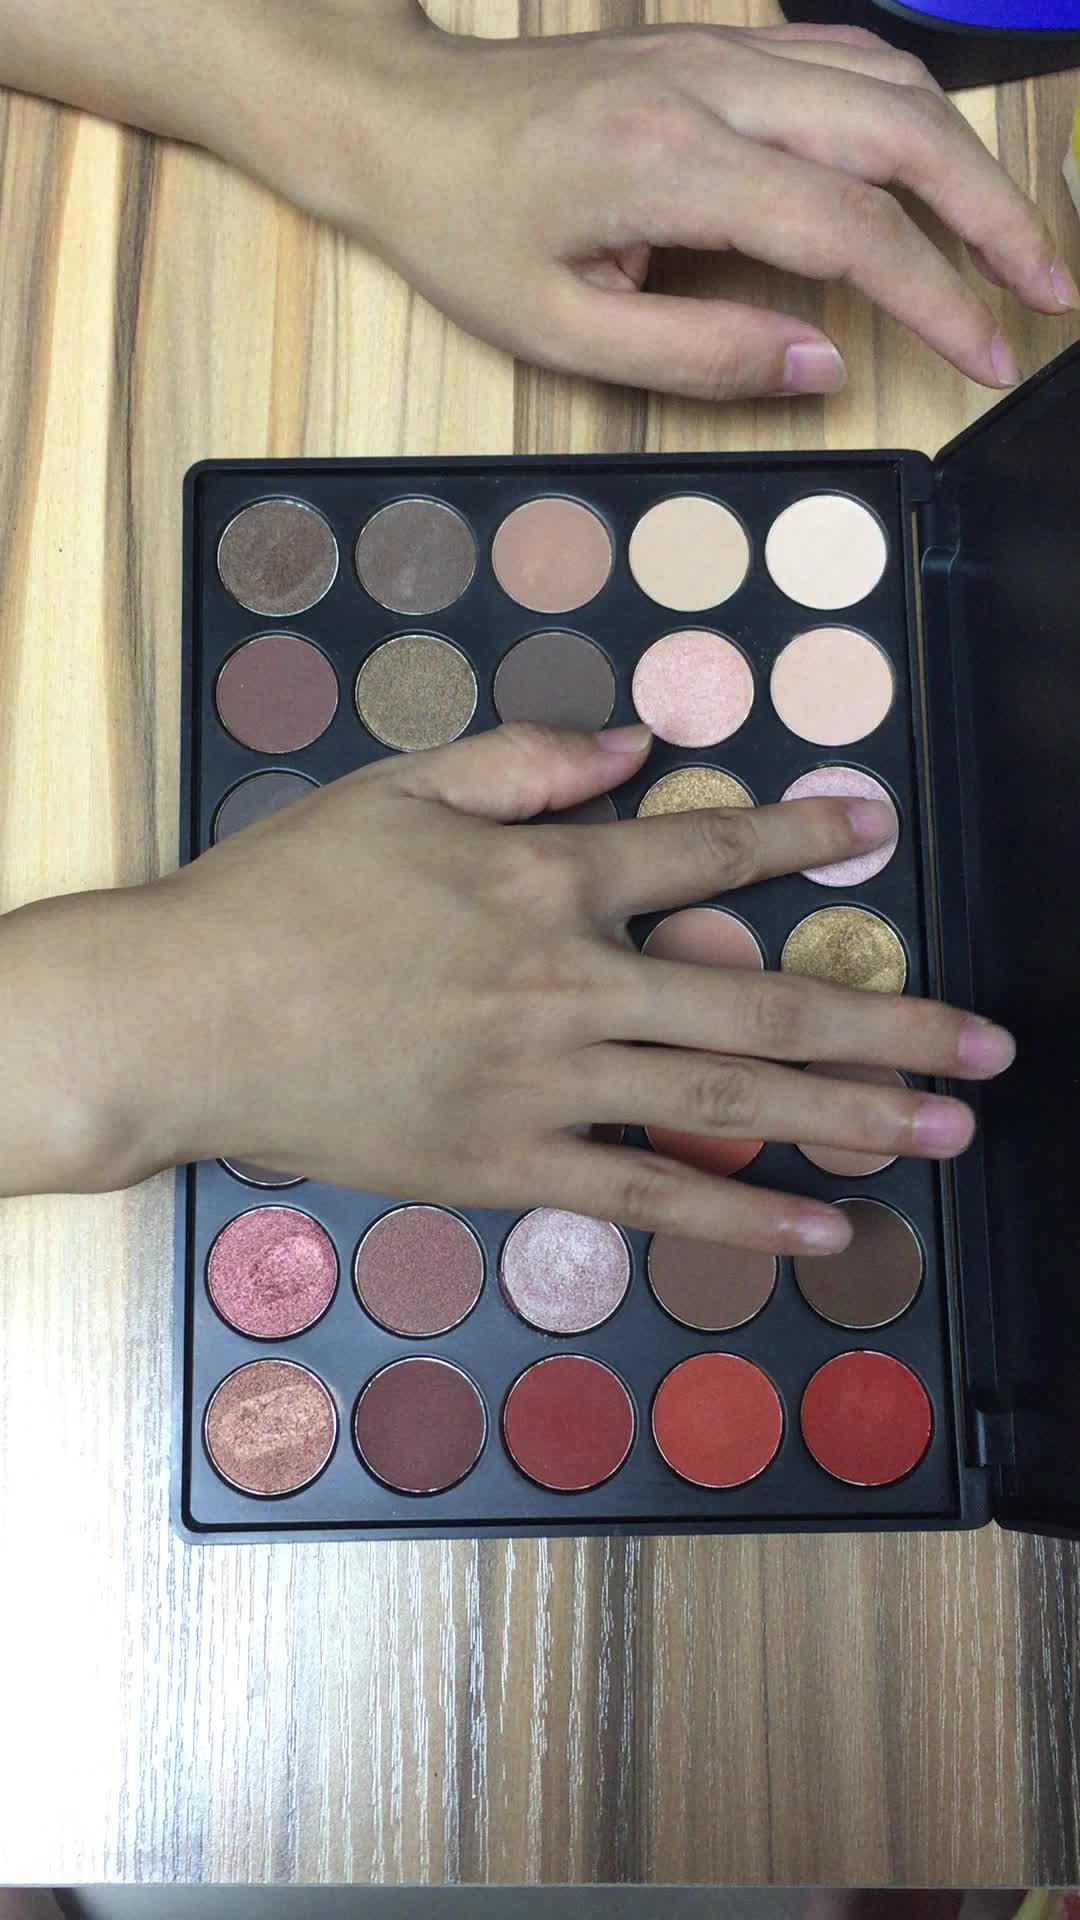 Nuovo ordine all'ingrosso nk trucco private label 35 di colore eyeshadow palette